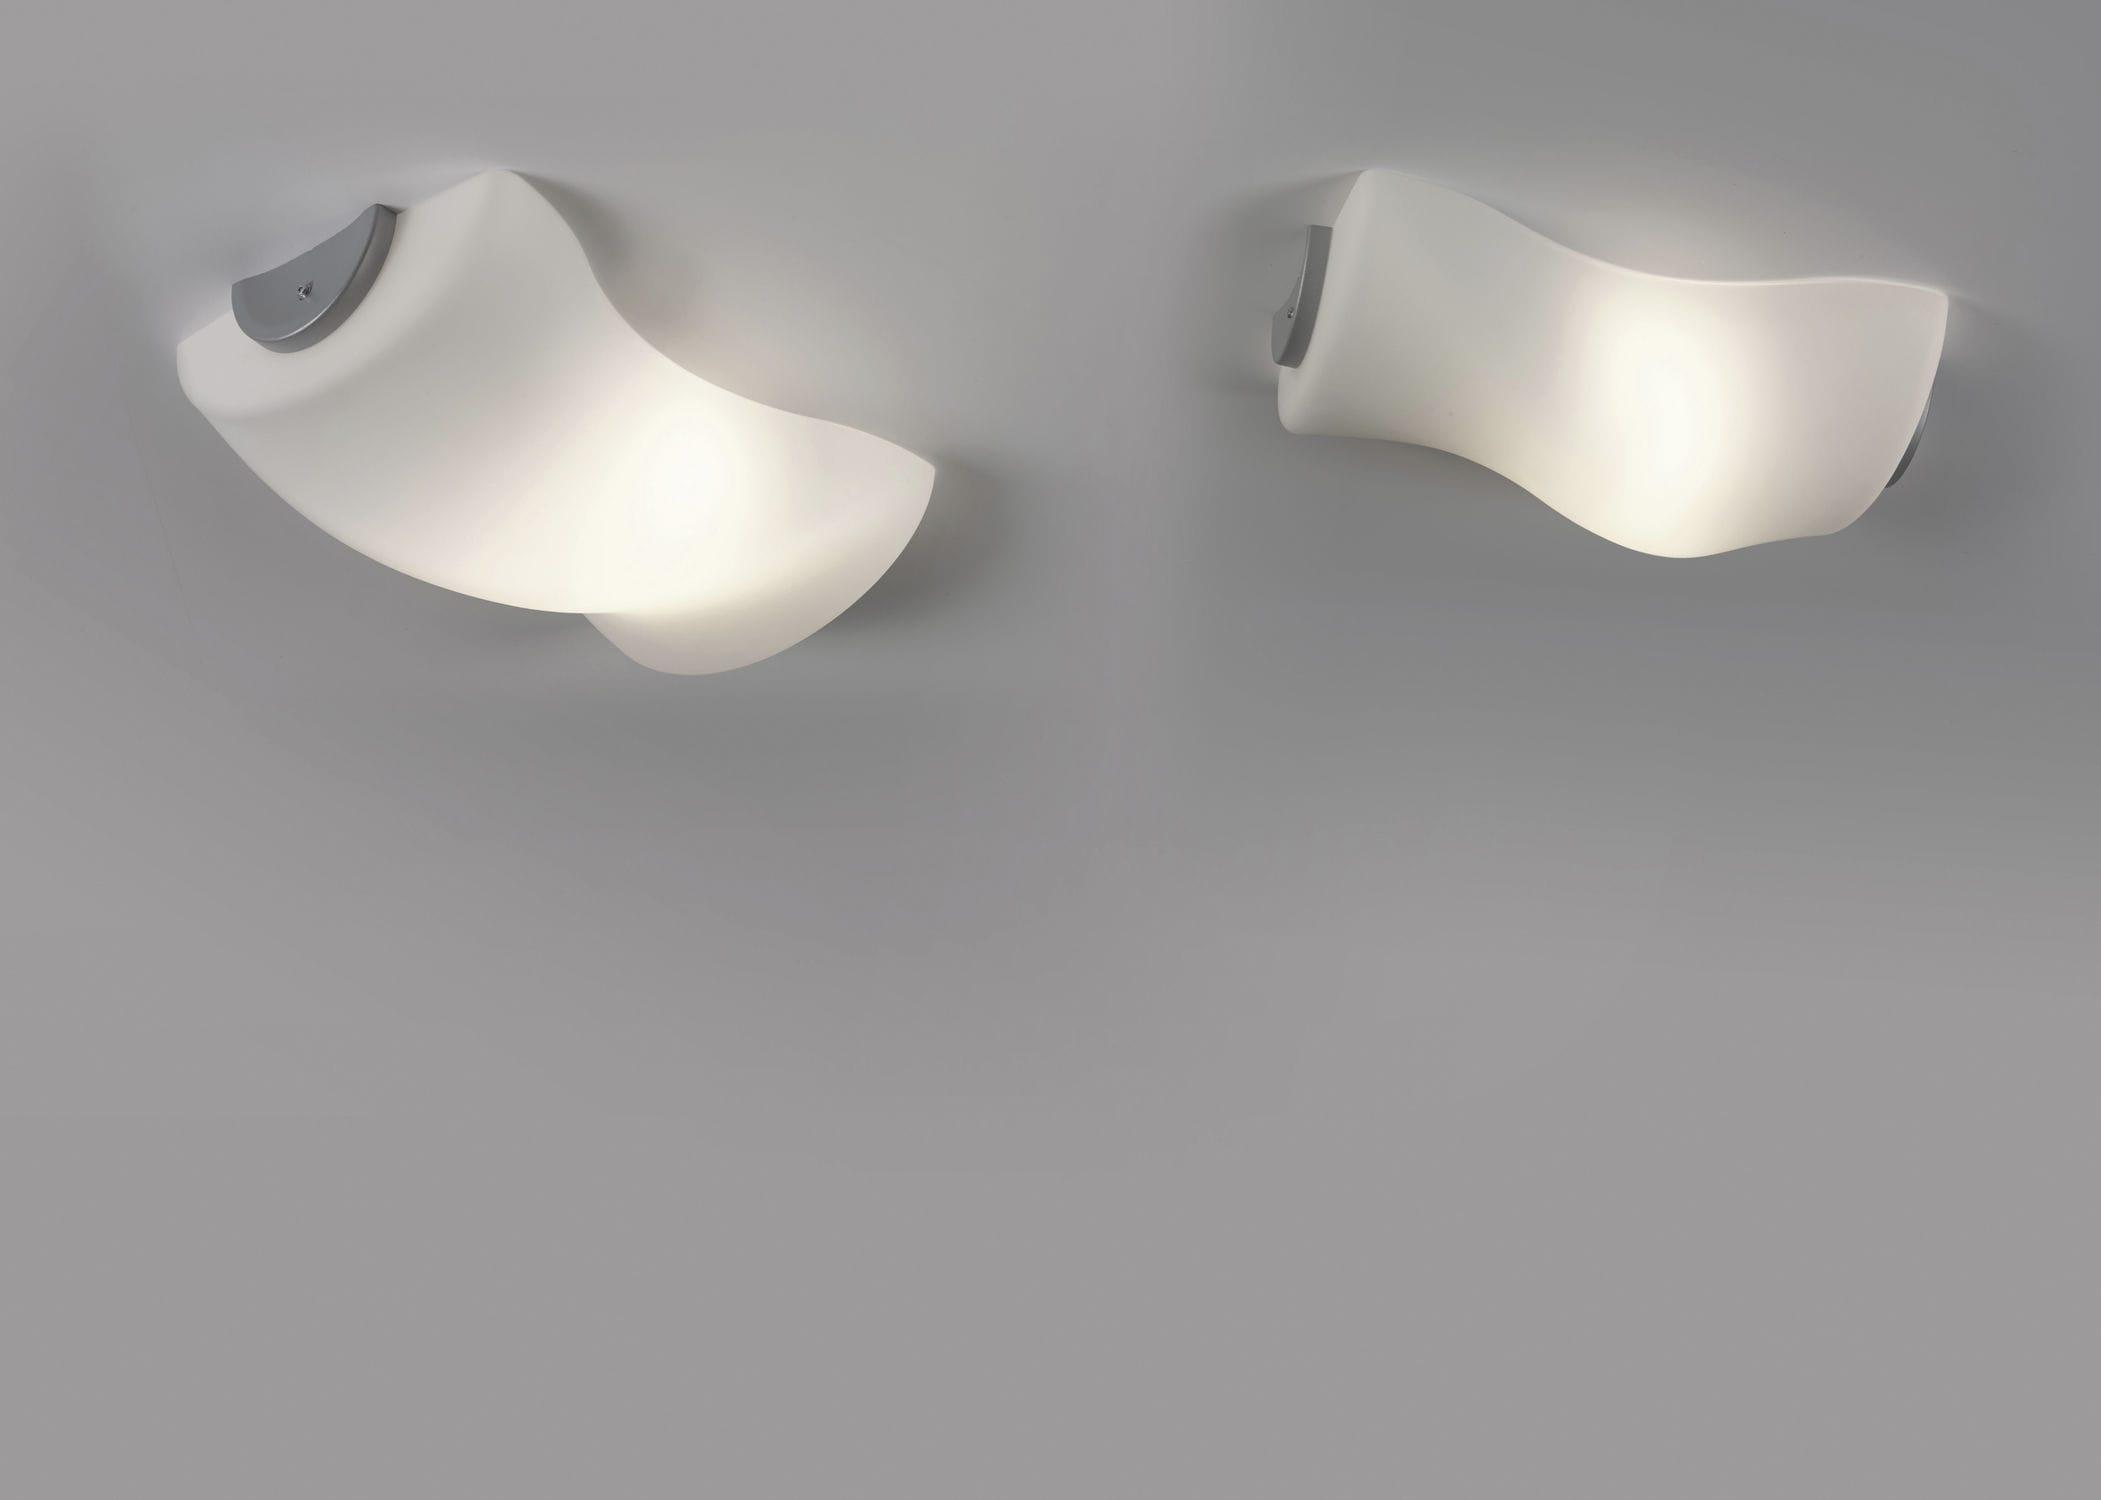 Plafoniere Vetro Soffiato : Plafoniera moderna in vetro soffiato alogena da interno